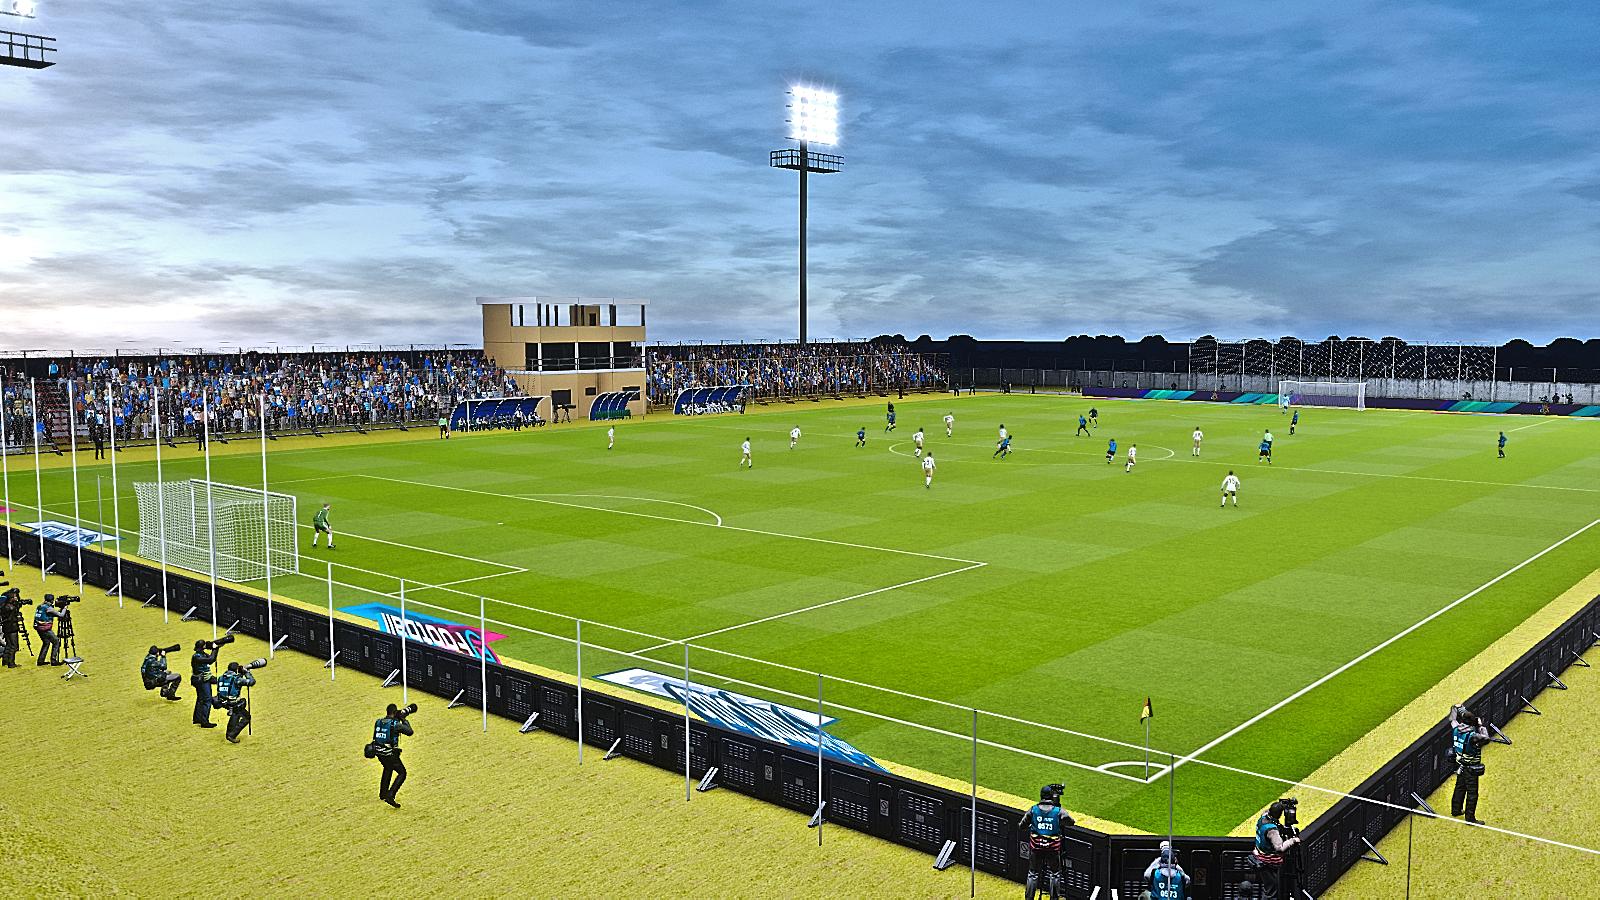 PES 2021 FFB Stadium (Belize)